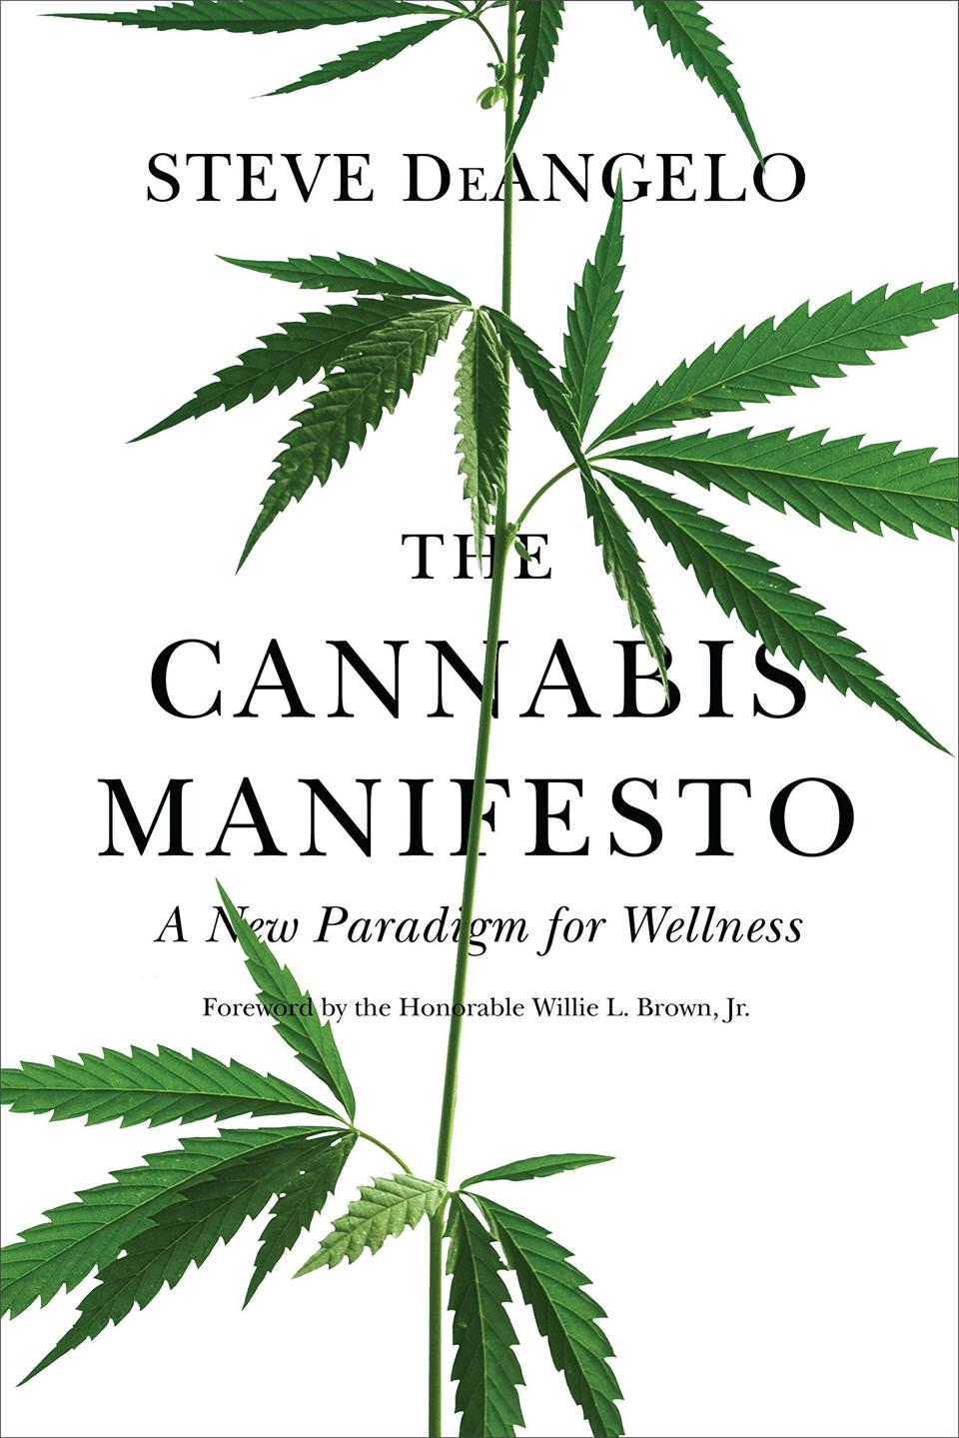 The Cannabis Manifesto, Steve DeAngelo, cannabis books, cannabis wellness